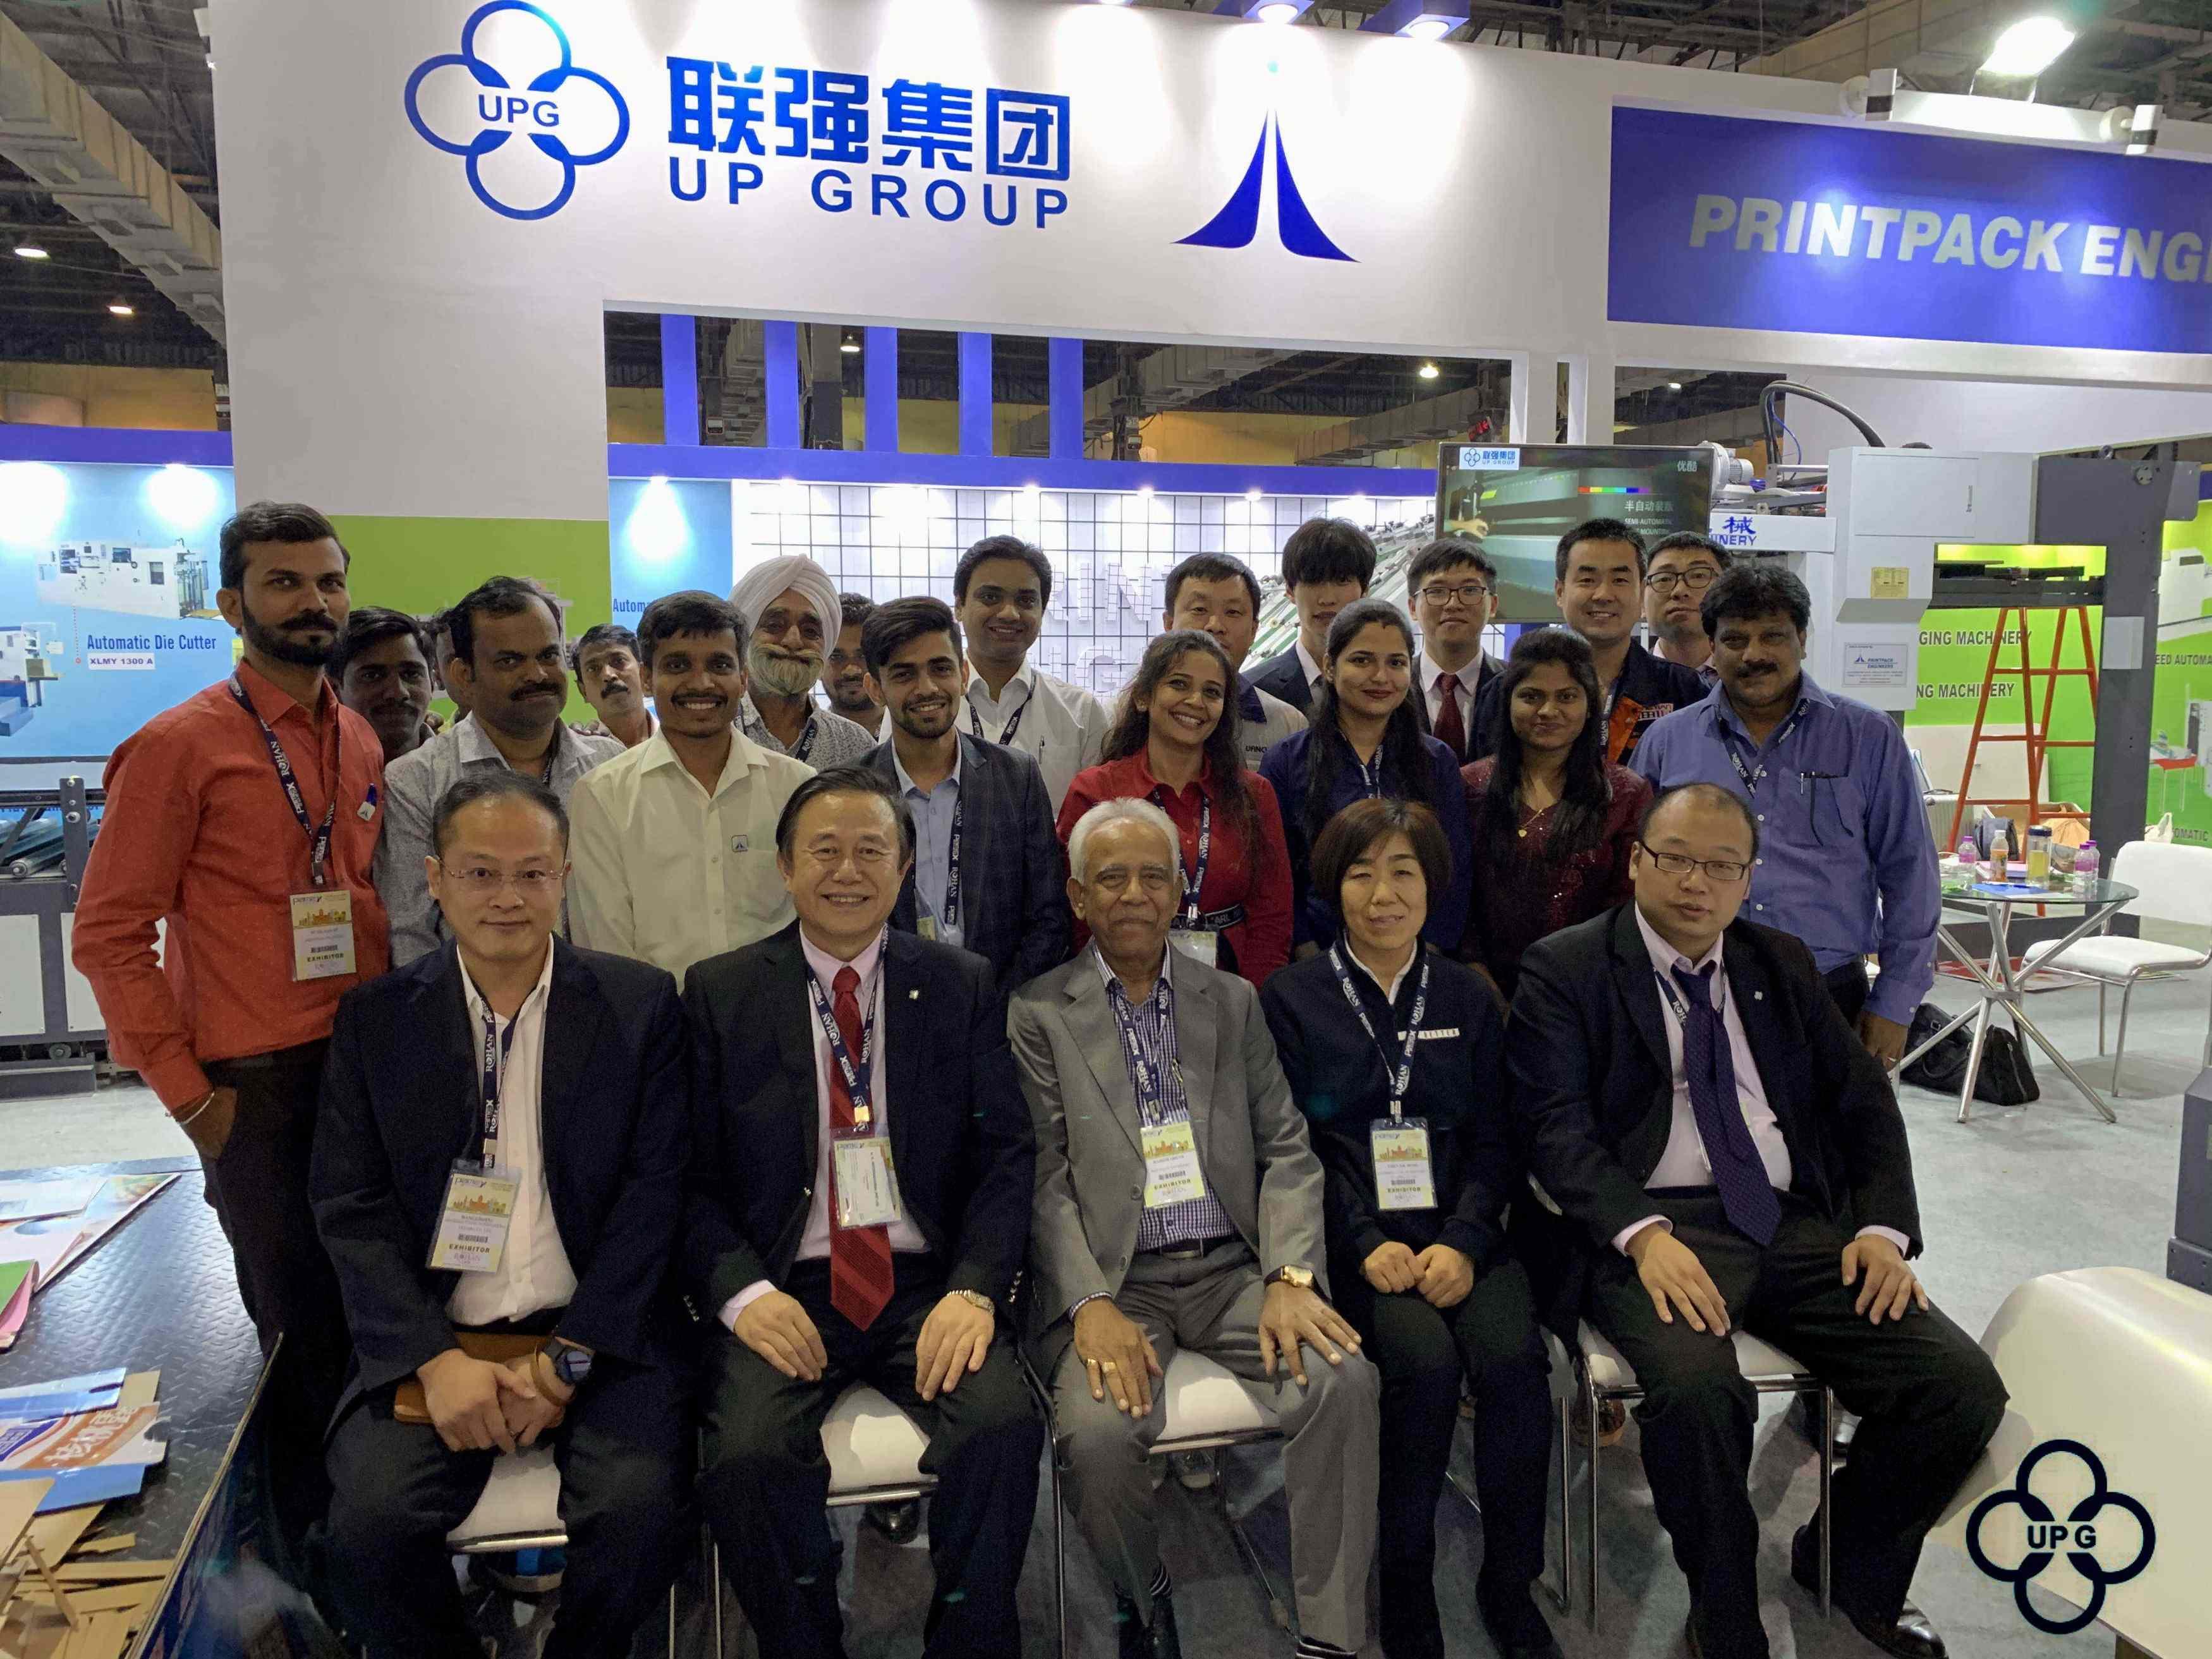 上海迪科赴印度孟买参加2020年印刷包装展览会